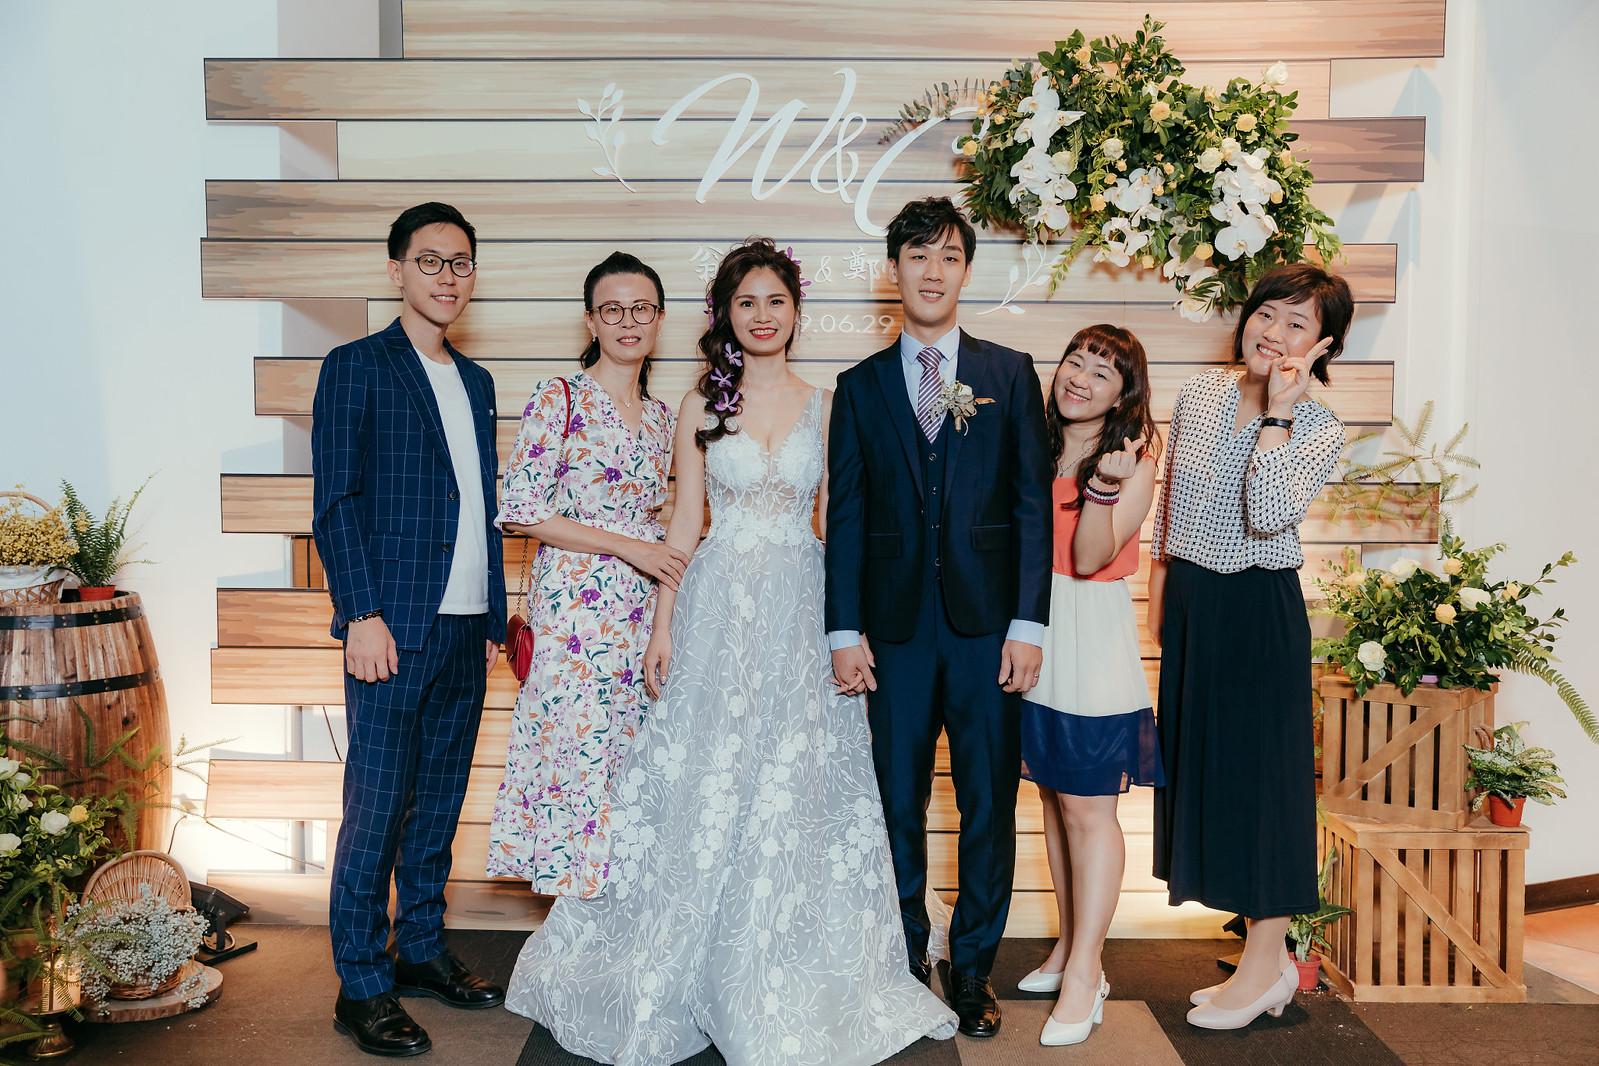 [婚攝] 偉翔 & 心怡 LivingOne 明達館 婚禮精選